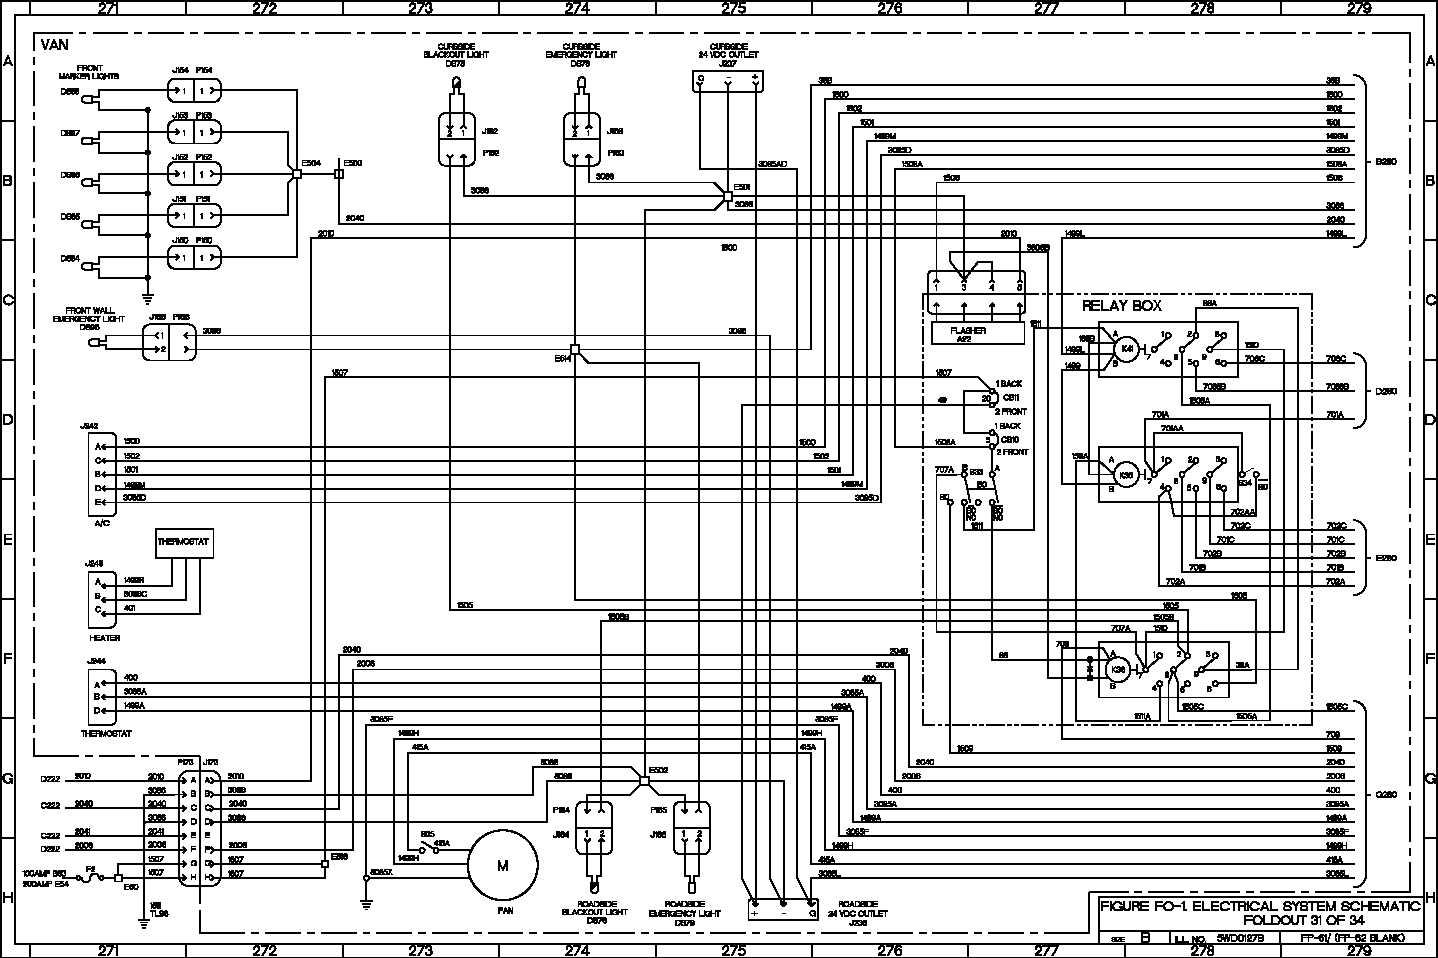 Lmtv Load Diagram | Wiring Diagram Lmtv Alternator Wiring Diagram on alternator parts, toyota alternator diagram, generator diagram, dodge alternator diagram, alternator charging system, alternator replacement, car alternator diagram, how alternator works diagram, alternator winding diagram, alternator plug diagram, ac compressor wire diagram, ford alternator diagram, alex anderson alternator diagram, gm alternator diagram, 13av60kg011 parts diagram, alternator relay diagram, alternator fuse diagram, alternator engine diagram, alternator generator, alternator connector diagram,